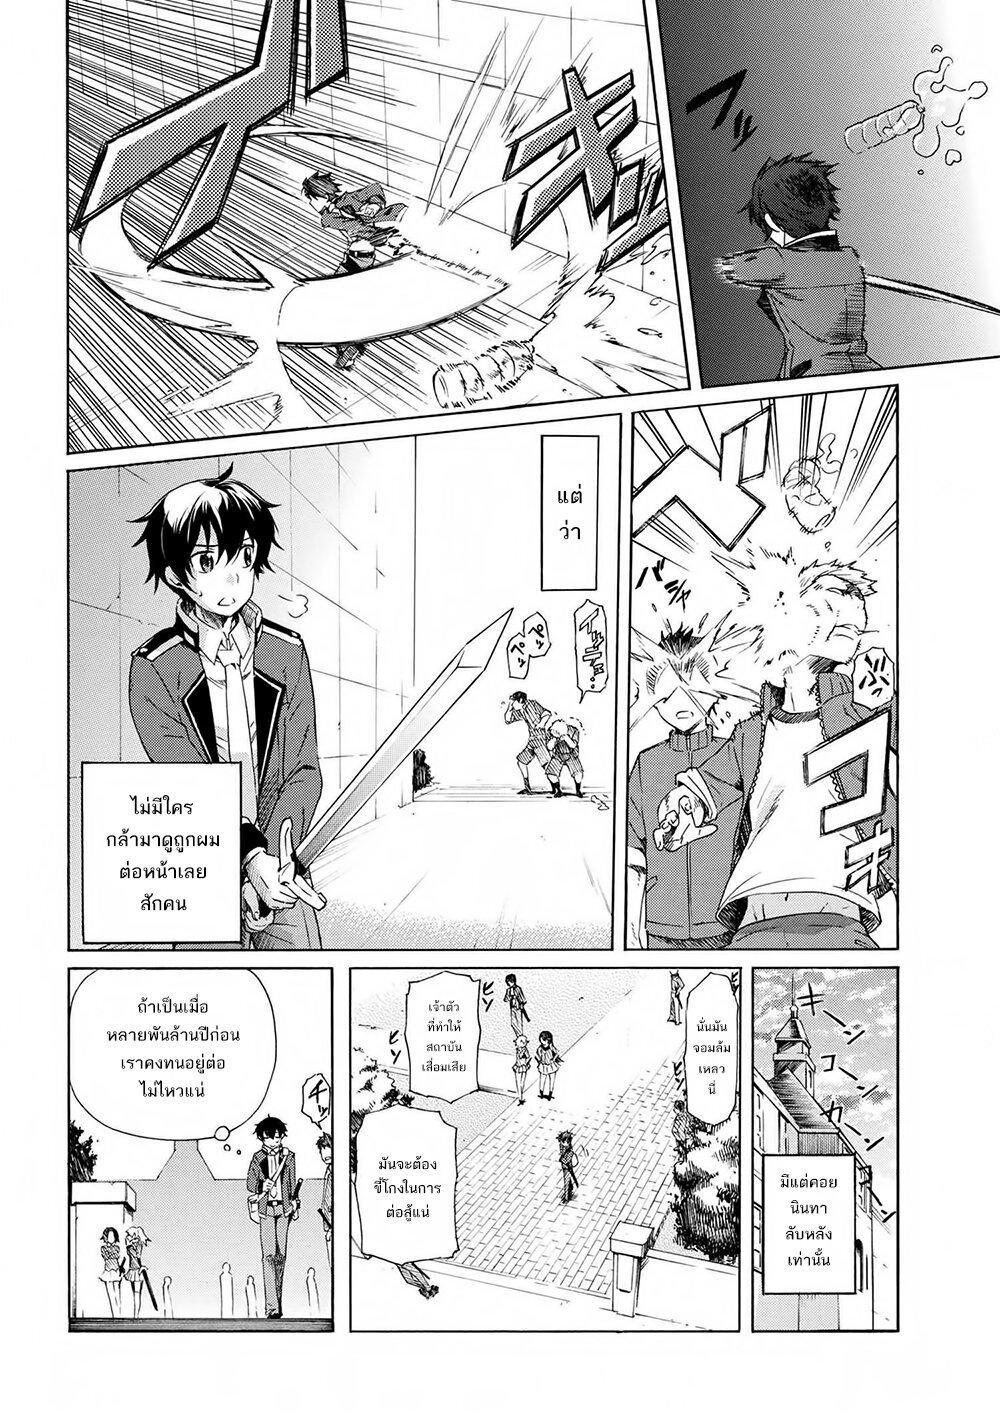 อ่านการ์ตูน Ichioku-nen Button o Renda Shita Ore wa Kizuitara Saikyou ni Natteita ตอนที่ 2 หน้าที่ 2